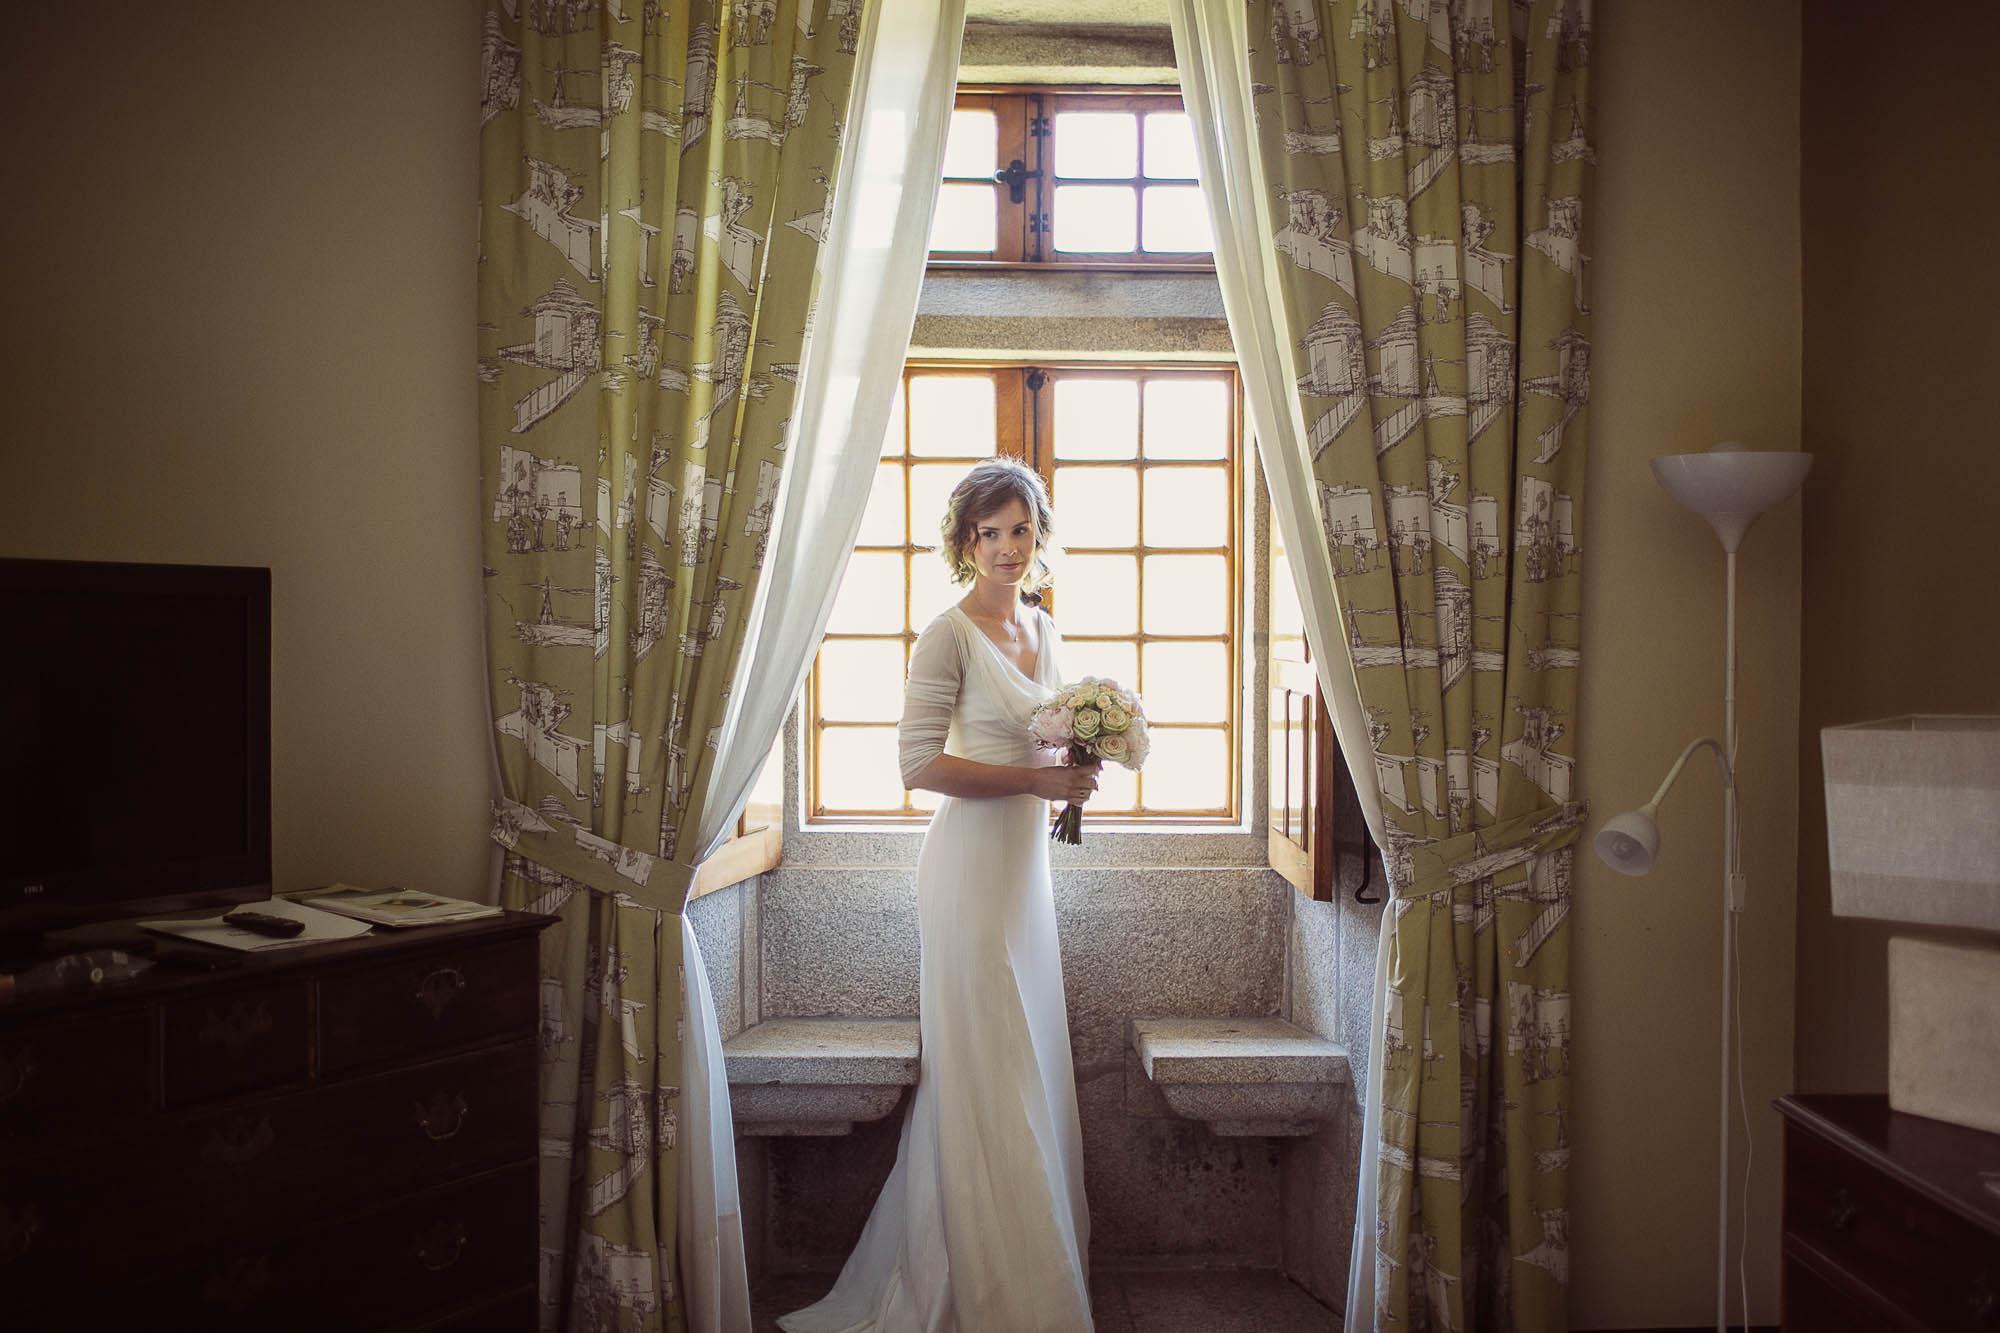 La novia sosteniendo el ramo y camino a la salida de su habitación